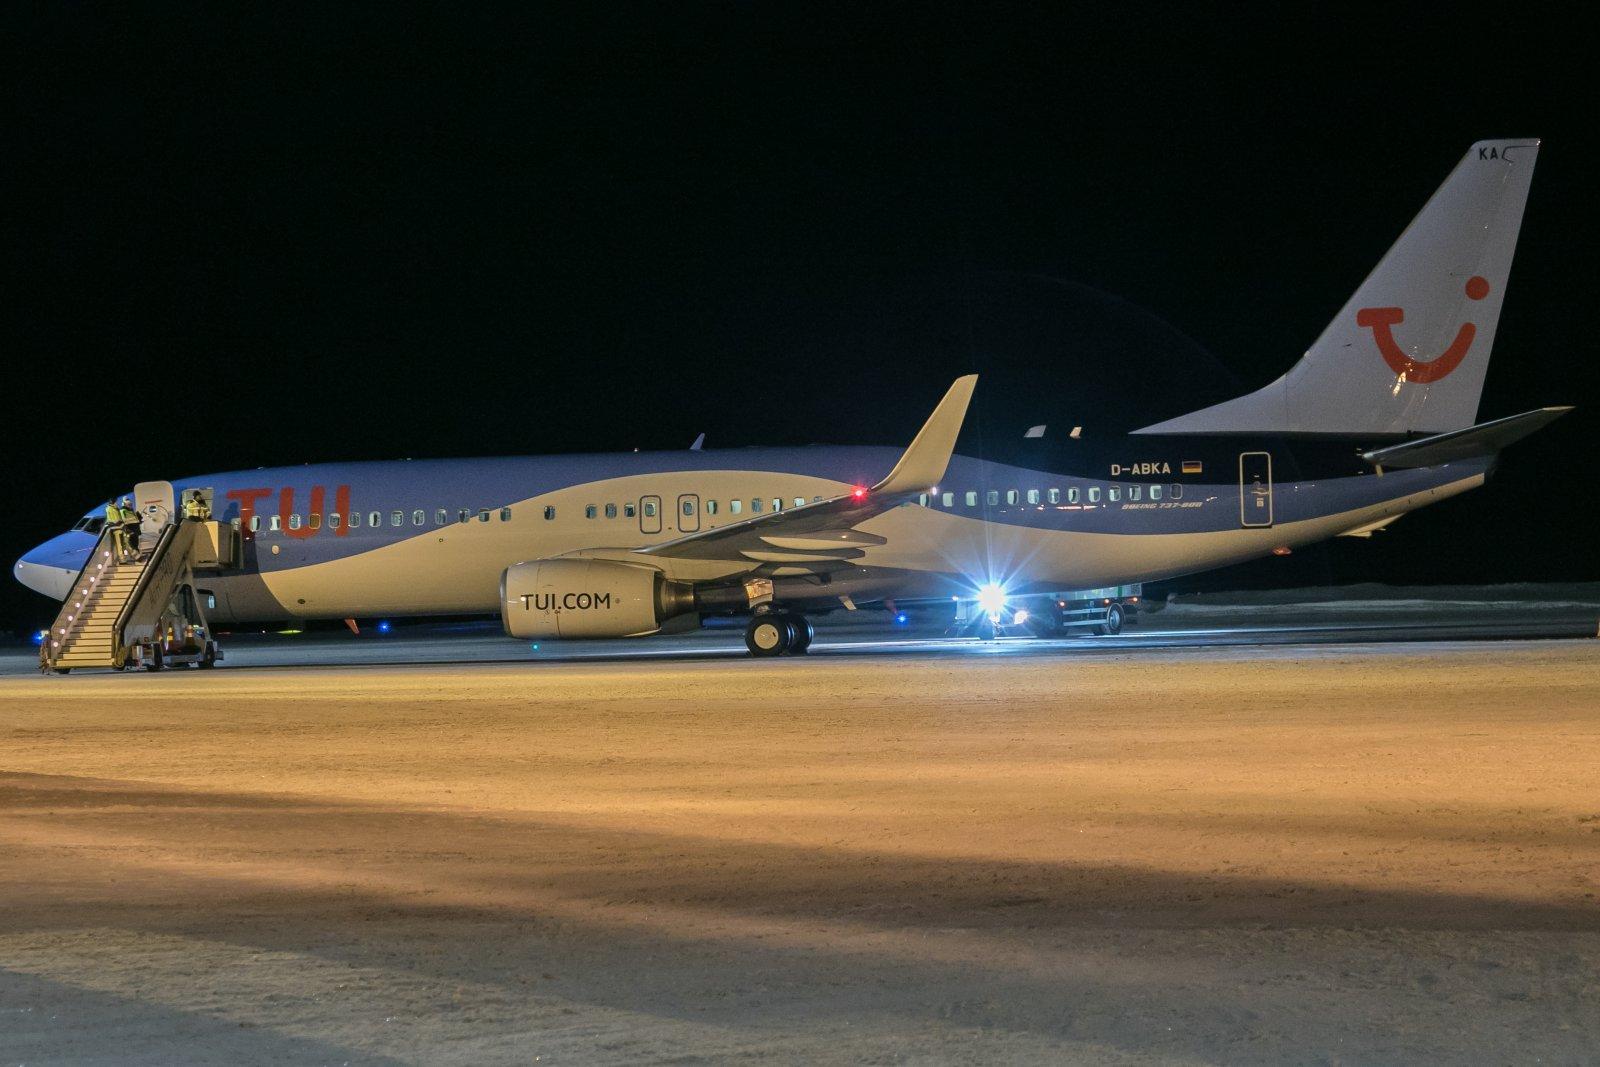 D-ABKA. Valenciasta Ivaloon ja Hannoveriin paluu. 28.12.2018. Boeing 737 82R